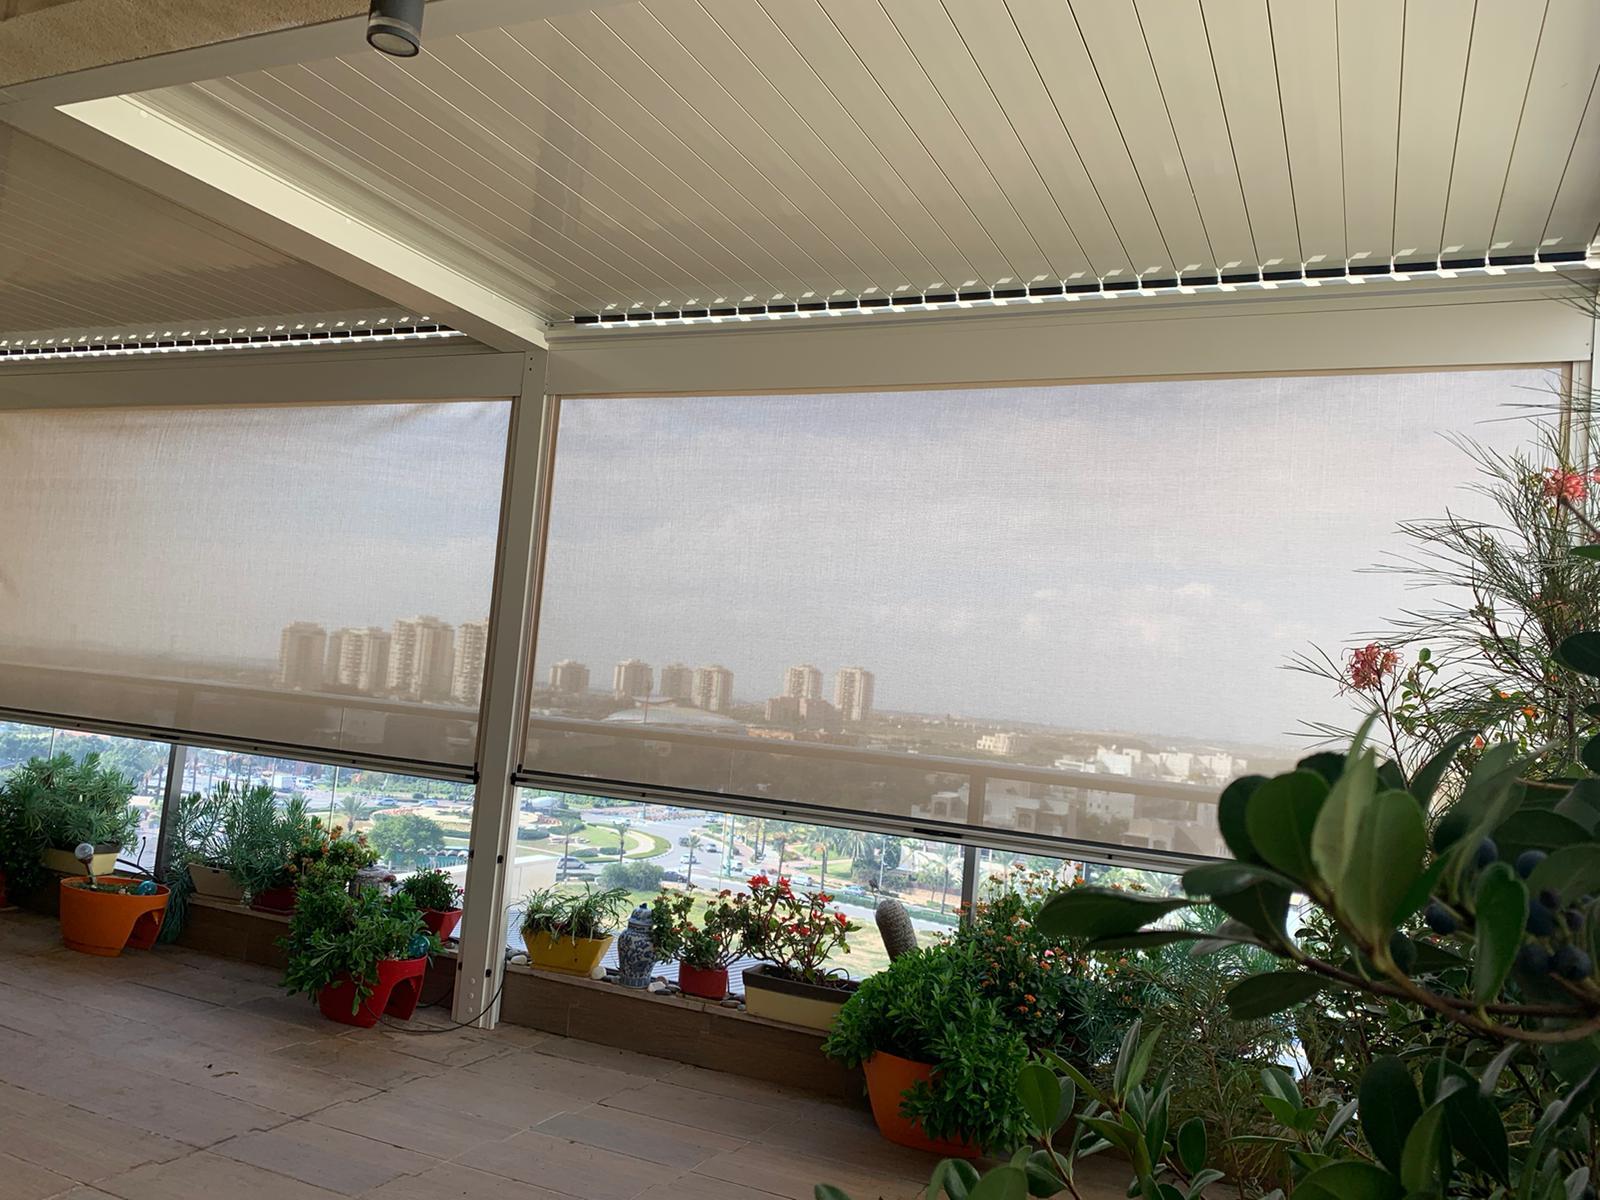 פרגולת אלומיניום למרפסת עם סוכך אנכי